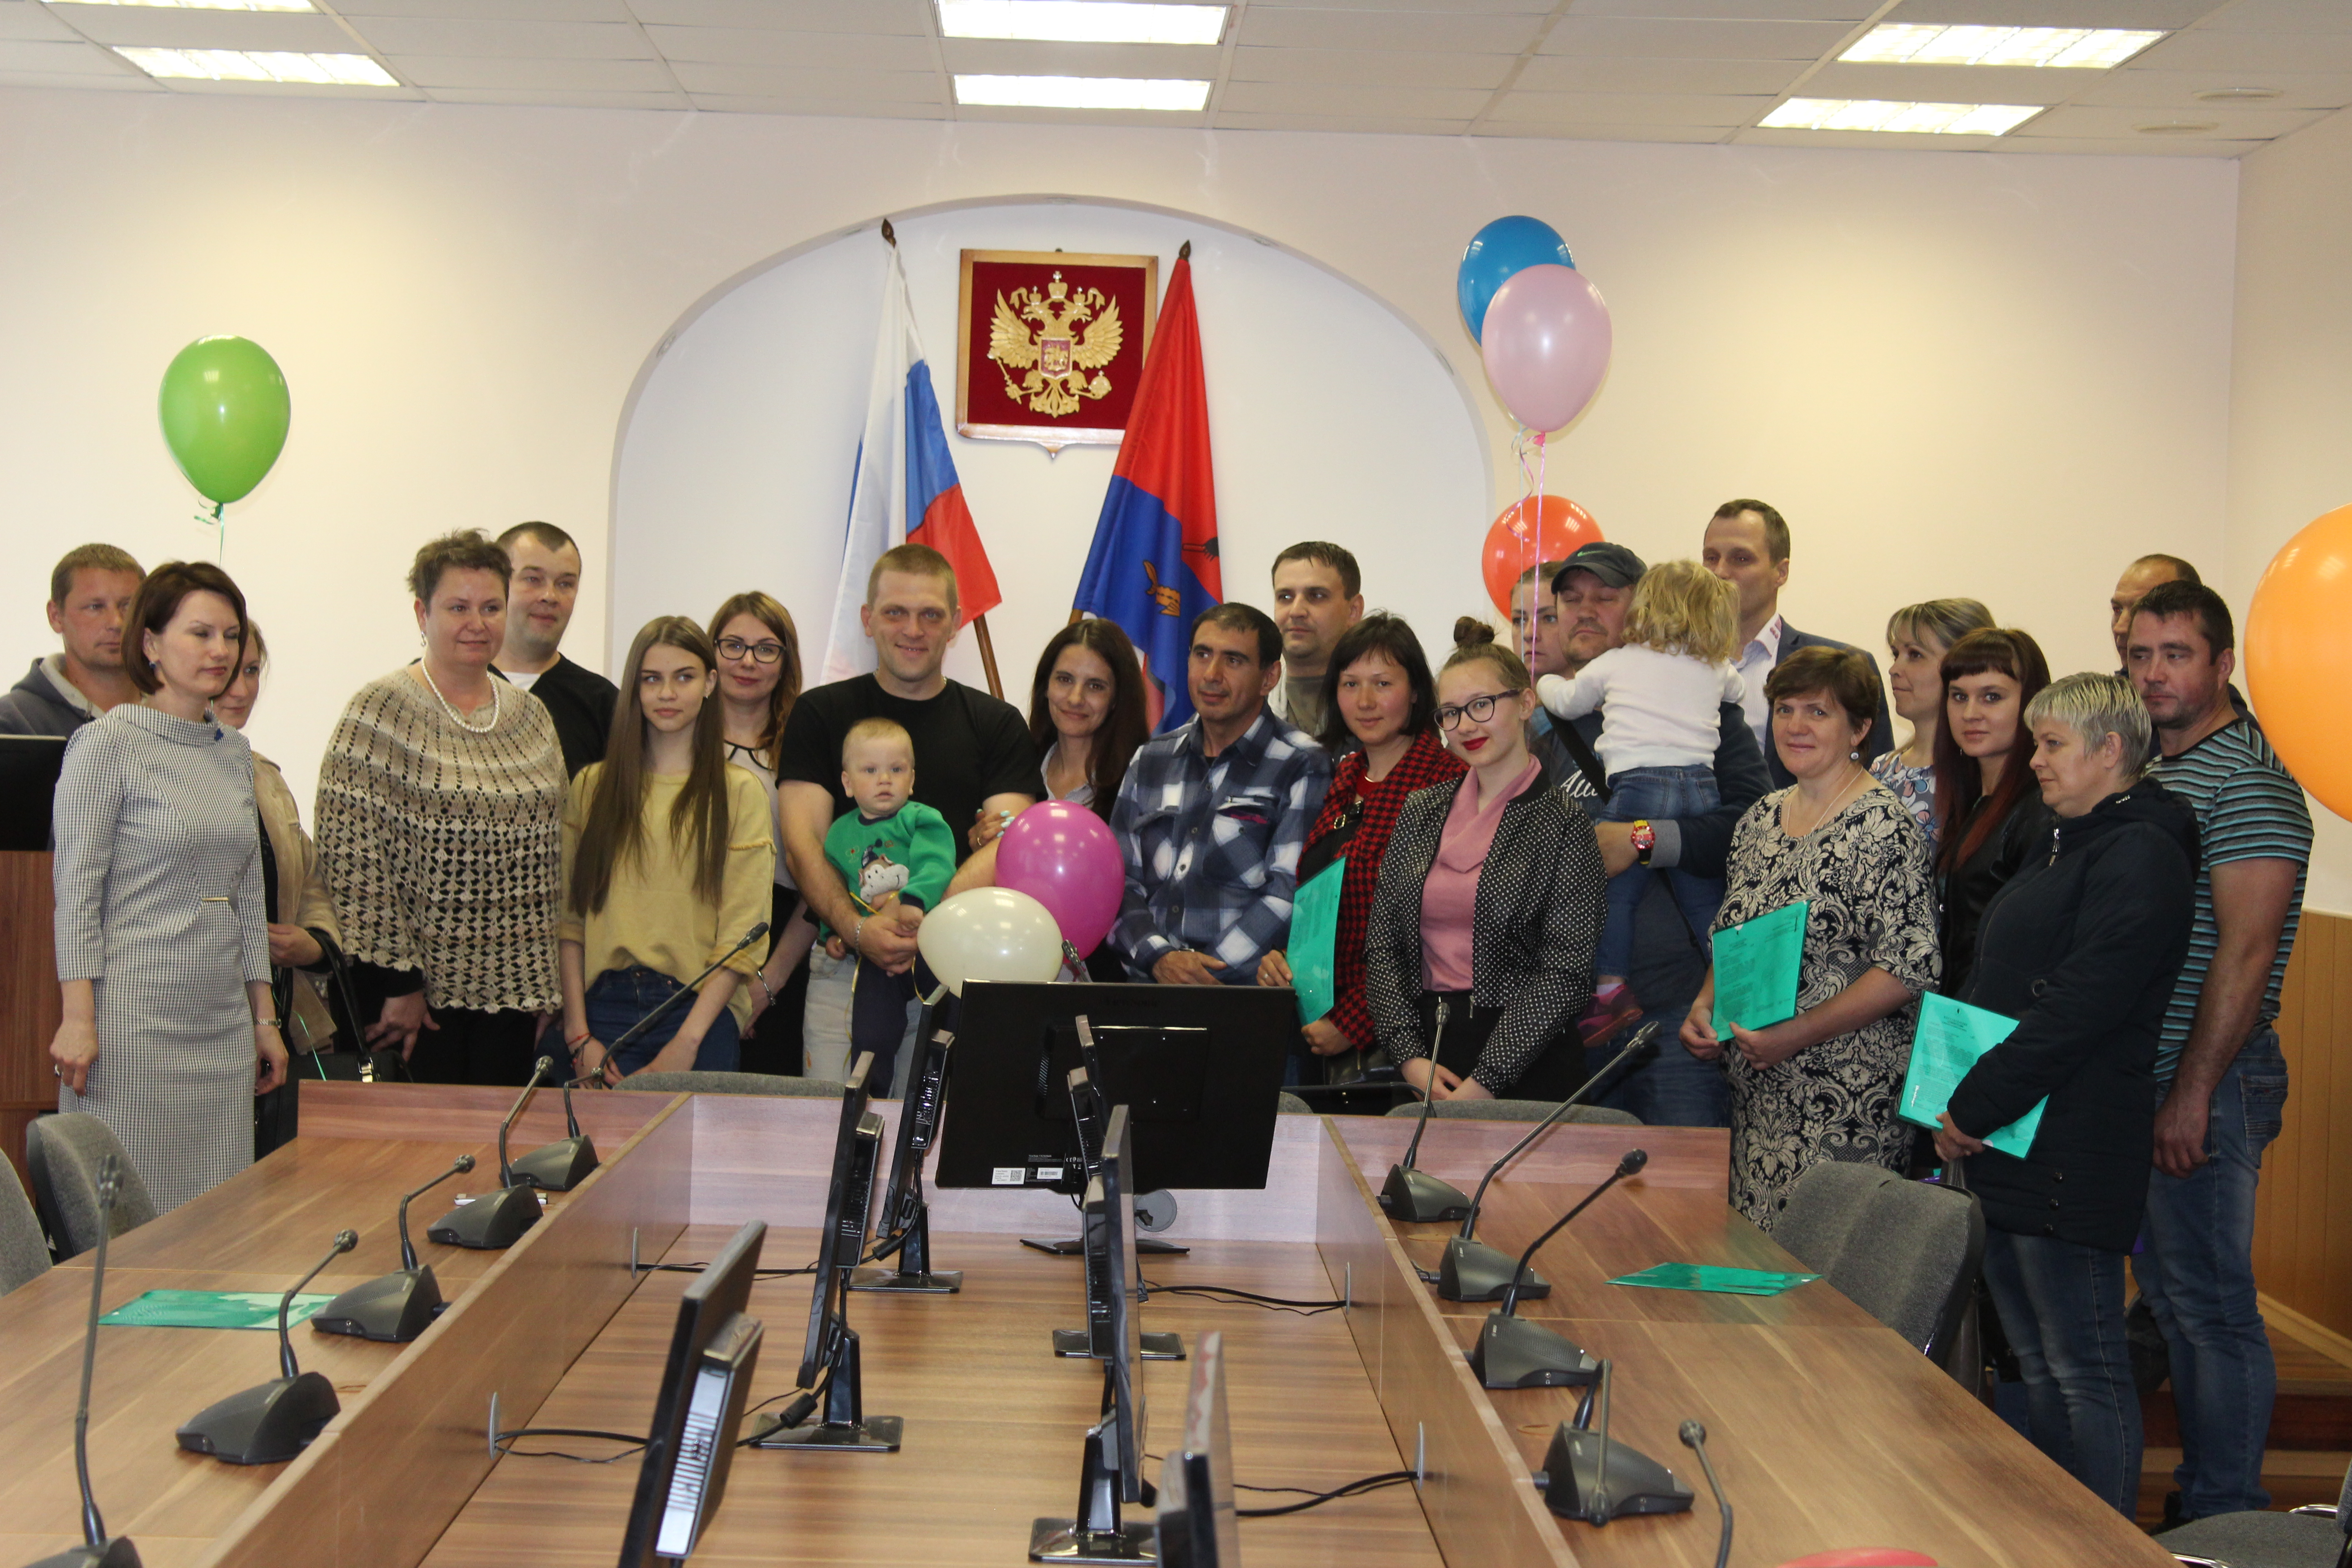 Шестнадцать многодетных семей из Рыбинска получили земельные участки